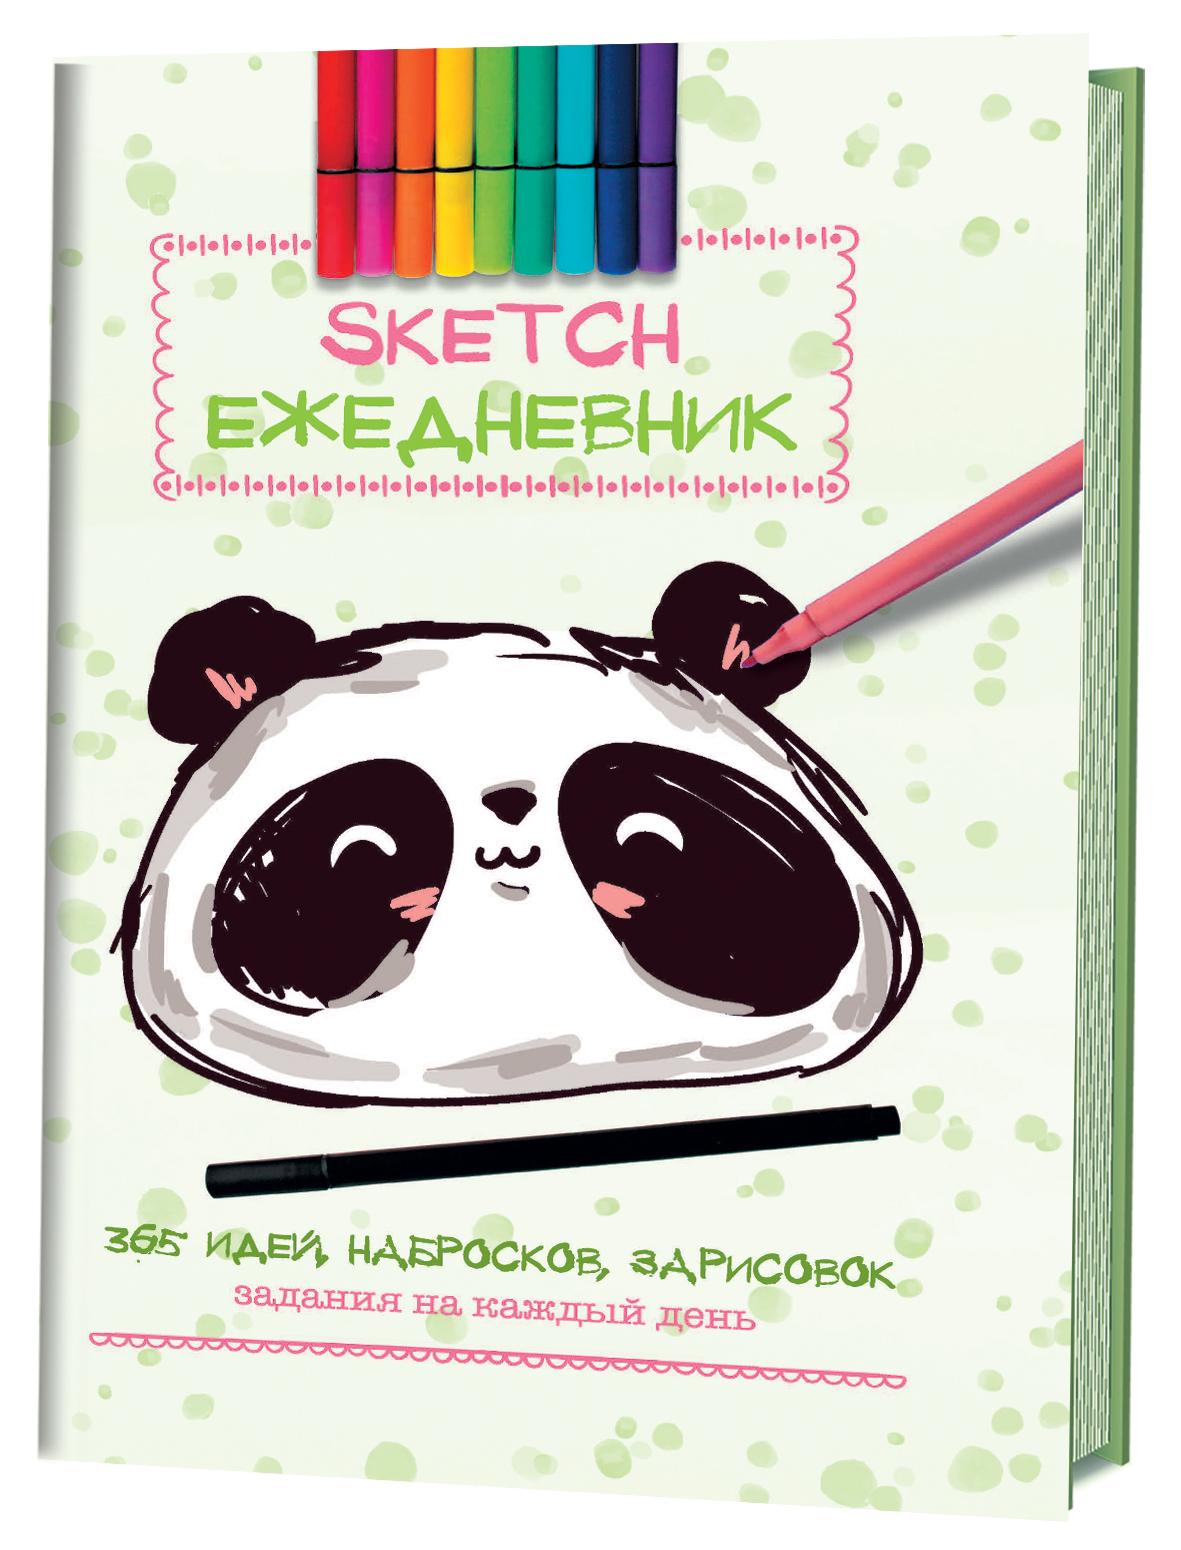 Анастасия Потапова Sketch-ежедневник. 365 идей, набросков, зарисовок. Задания на каждый день скетч ежедневник 365 идей цветные карандаши